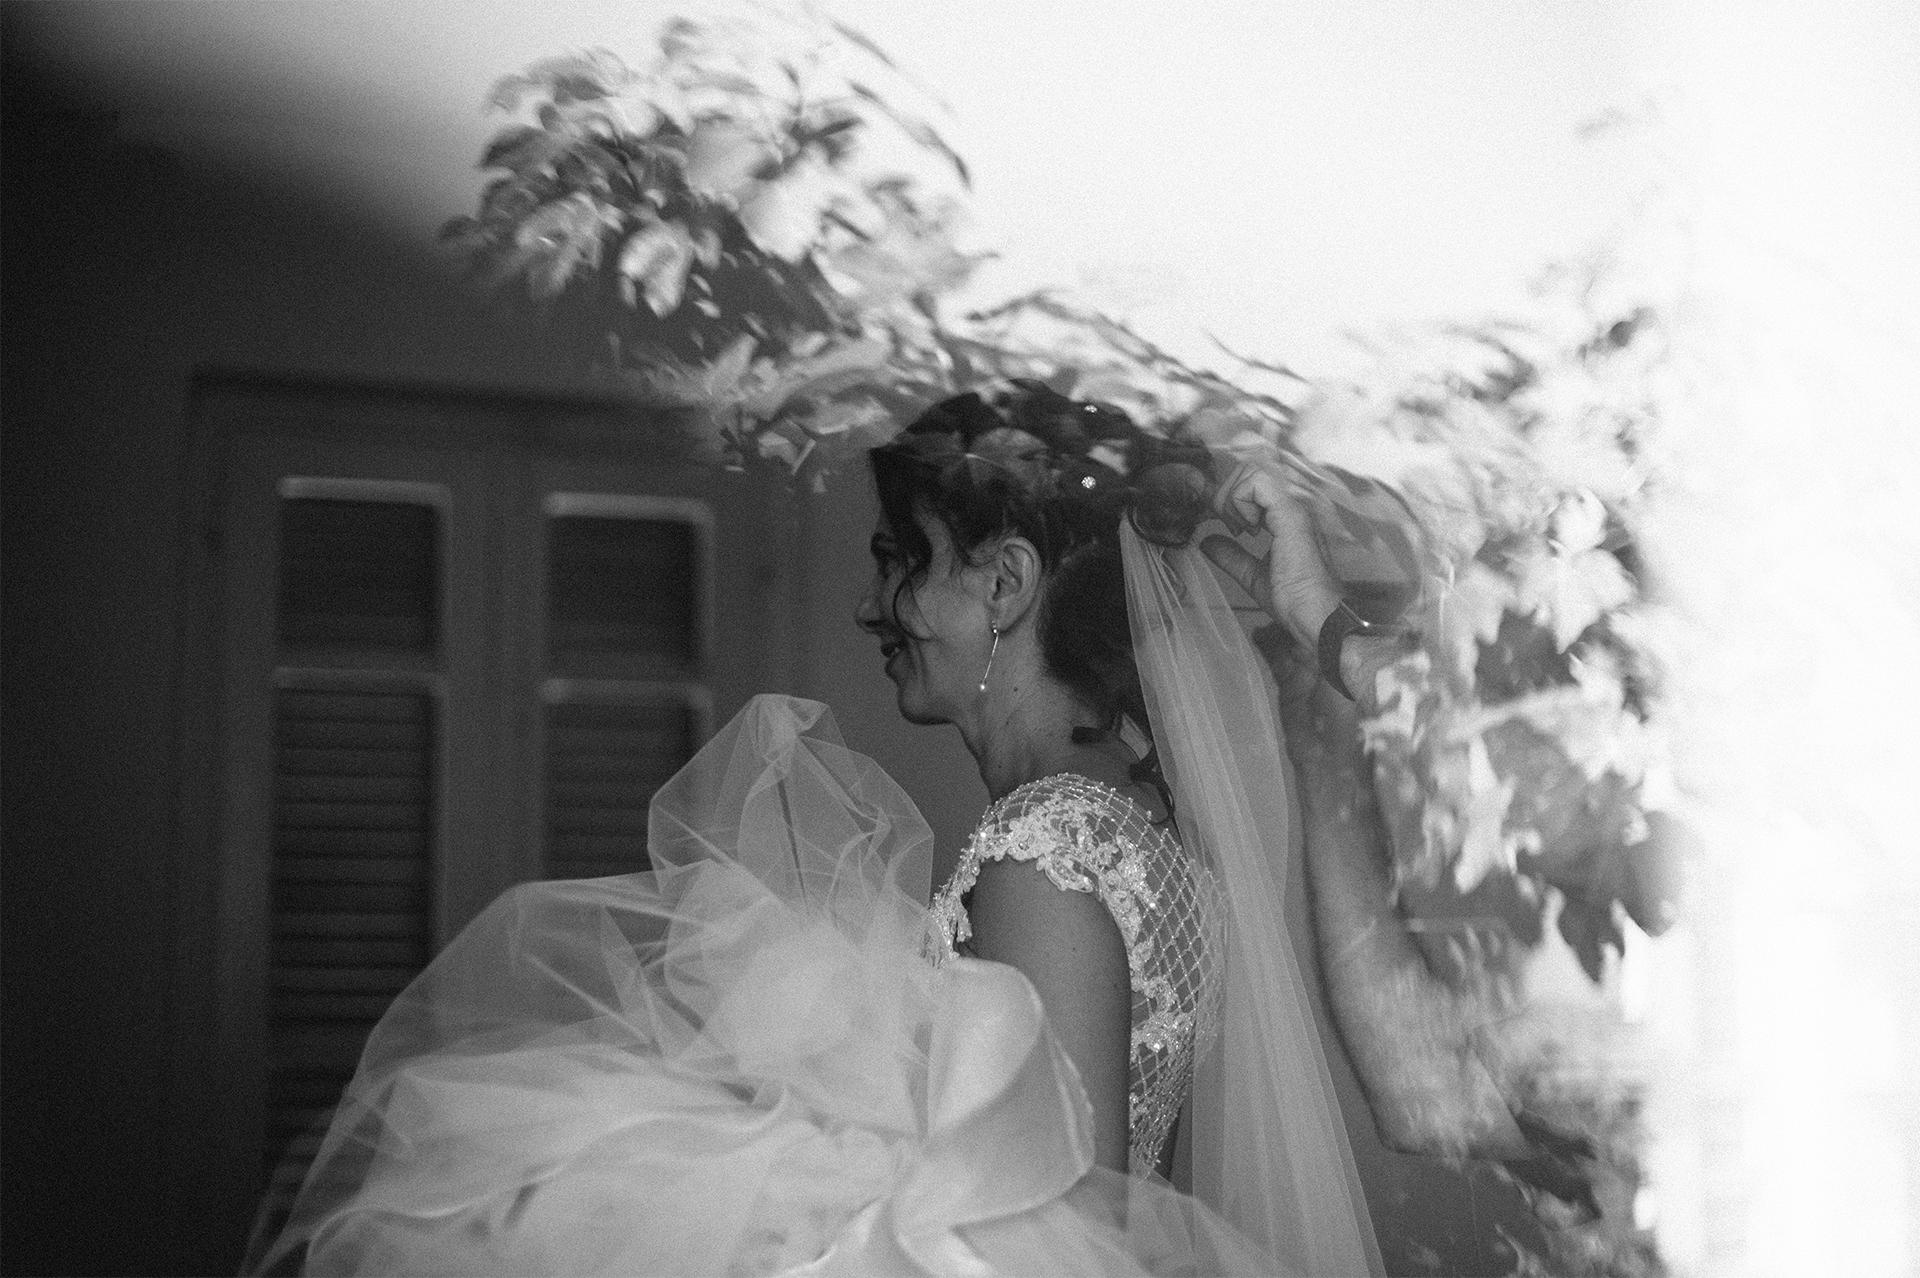 sposa con abito in mano